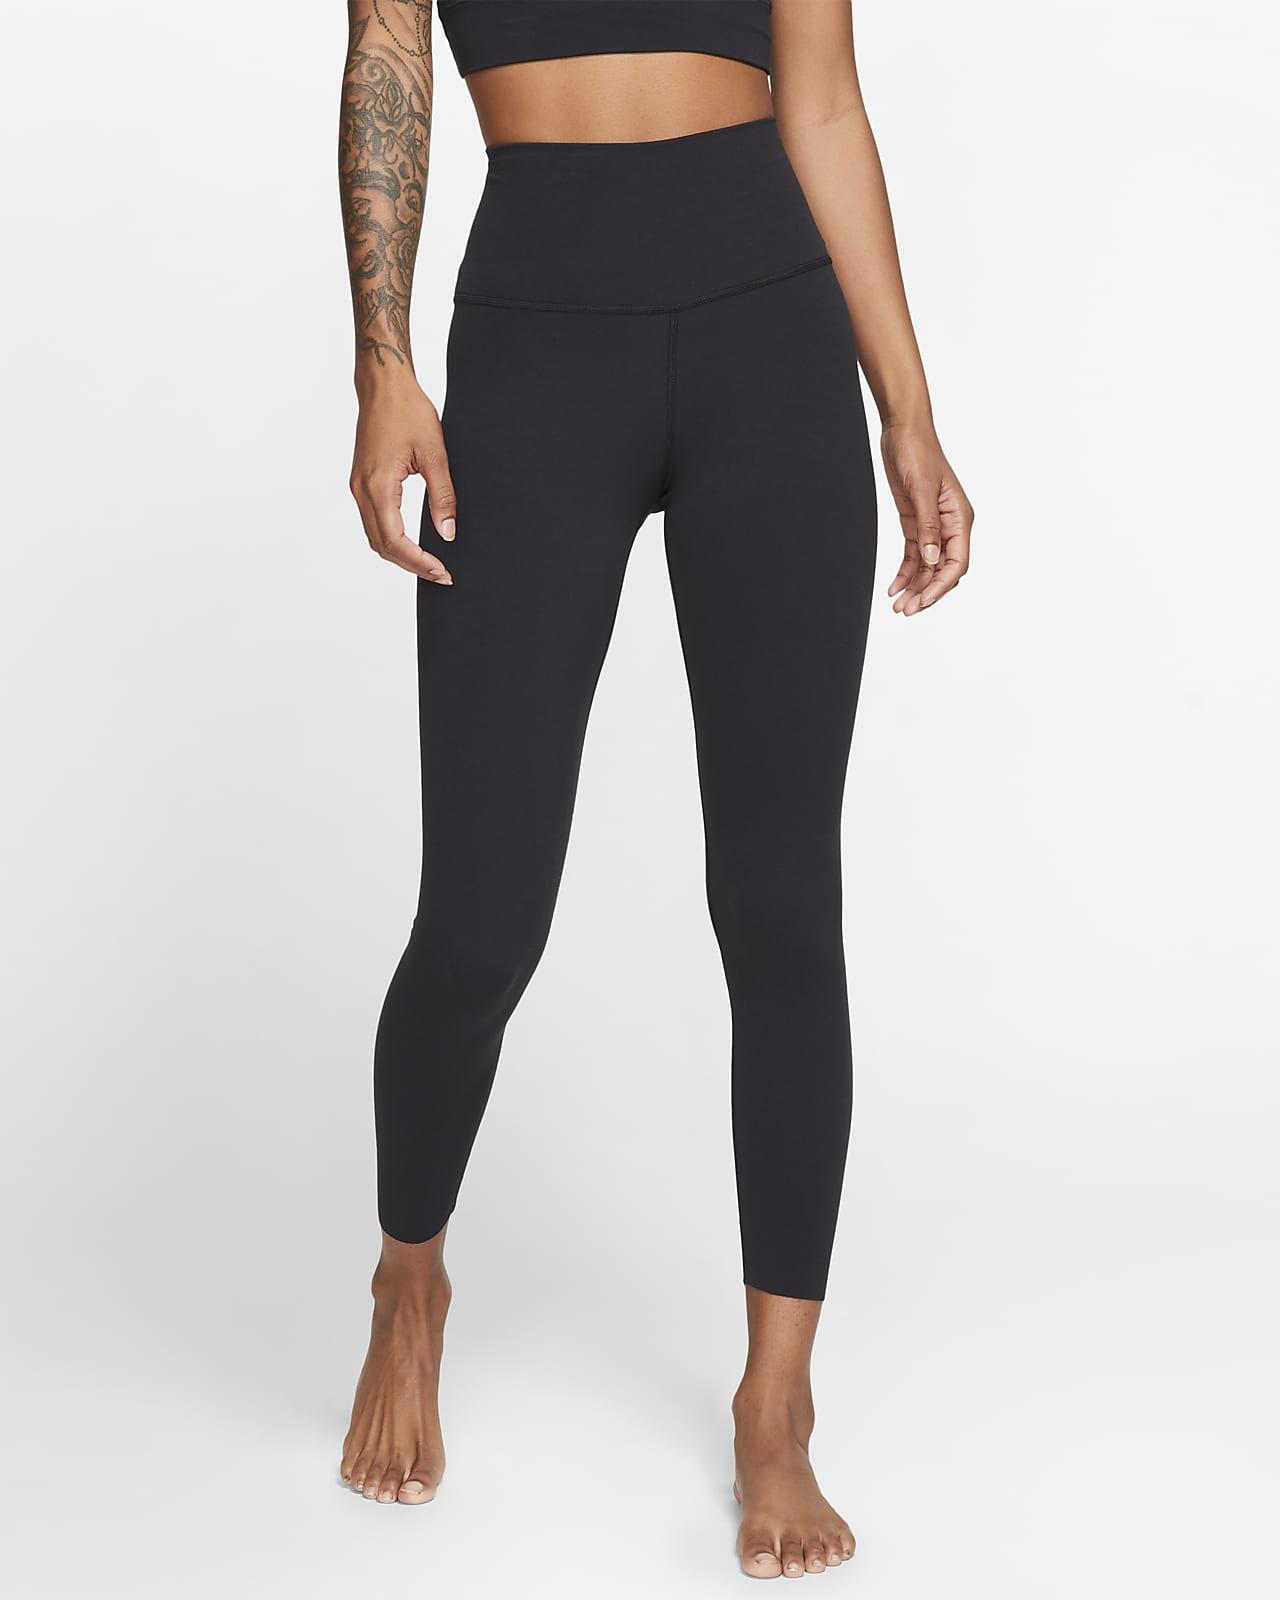 Leggings Infinalon i 7/8-längd med hög midja Nike Yoga Luxe för kvinnor